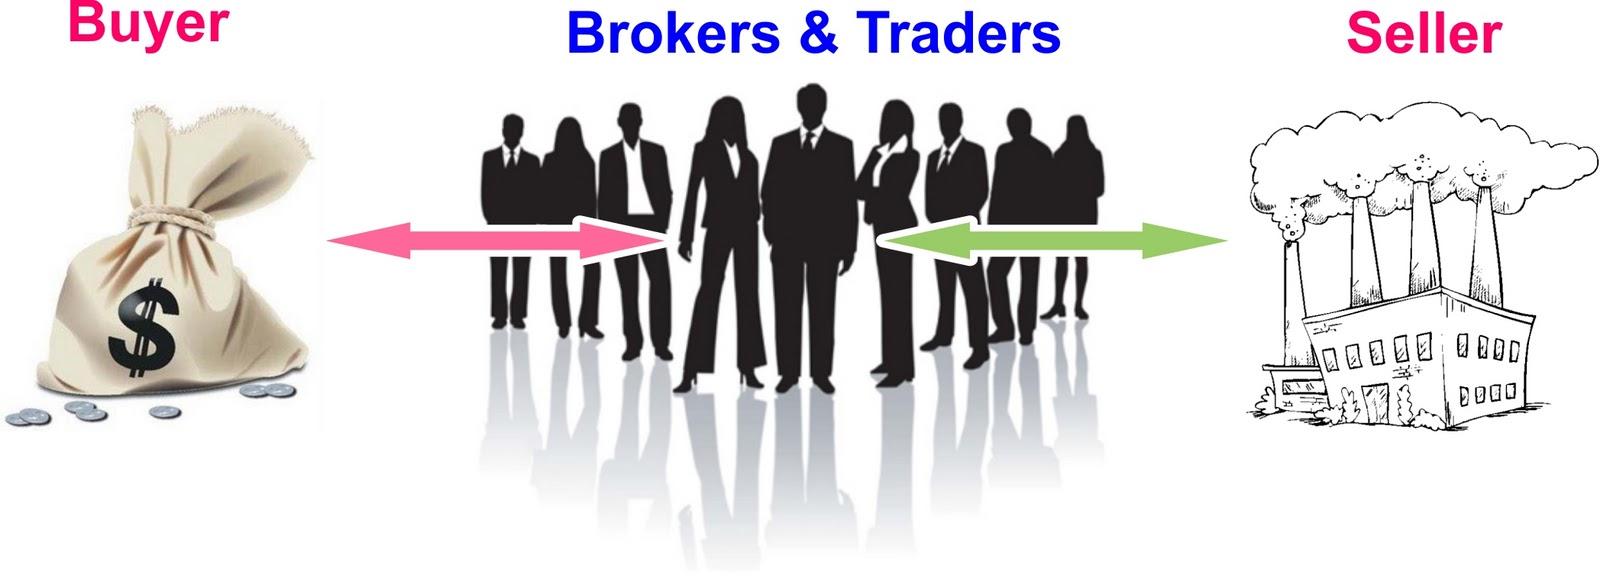 Que es trader y broker